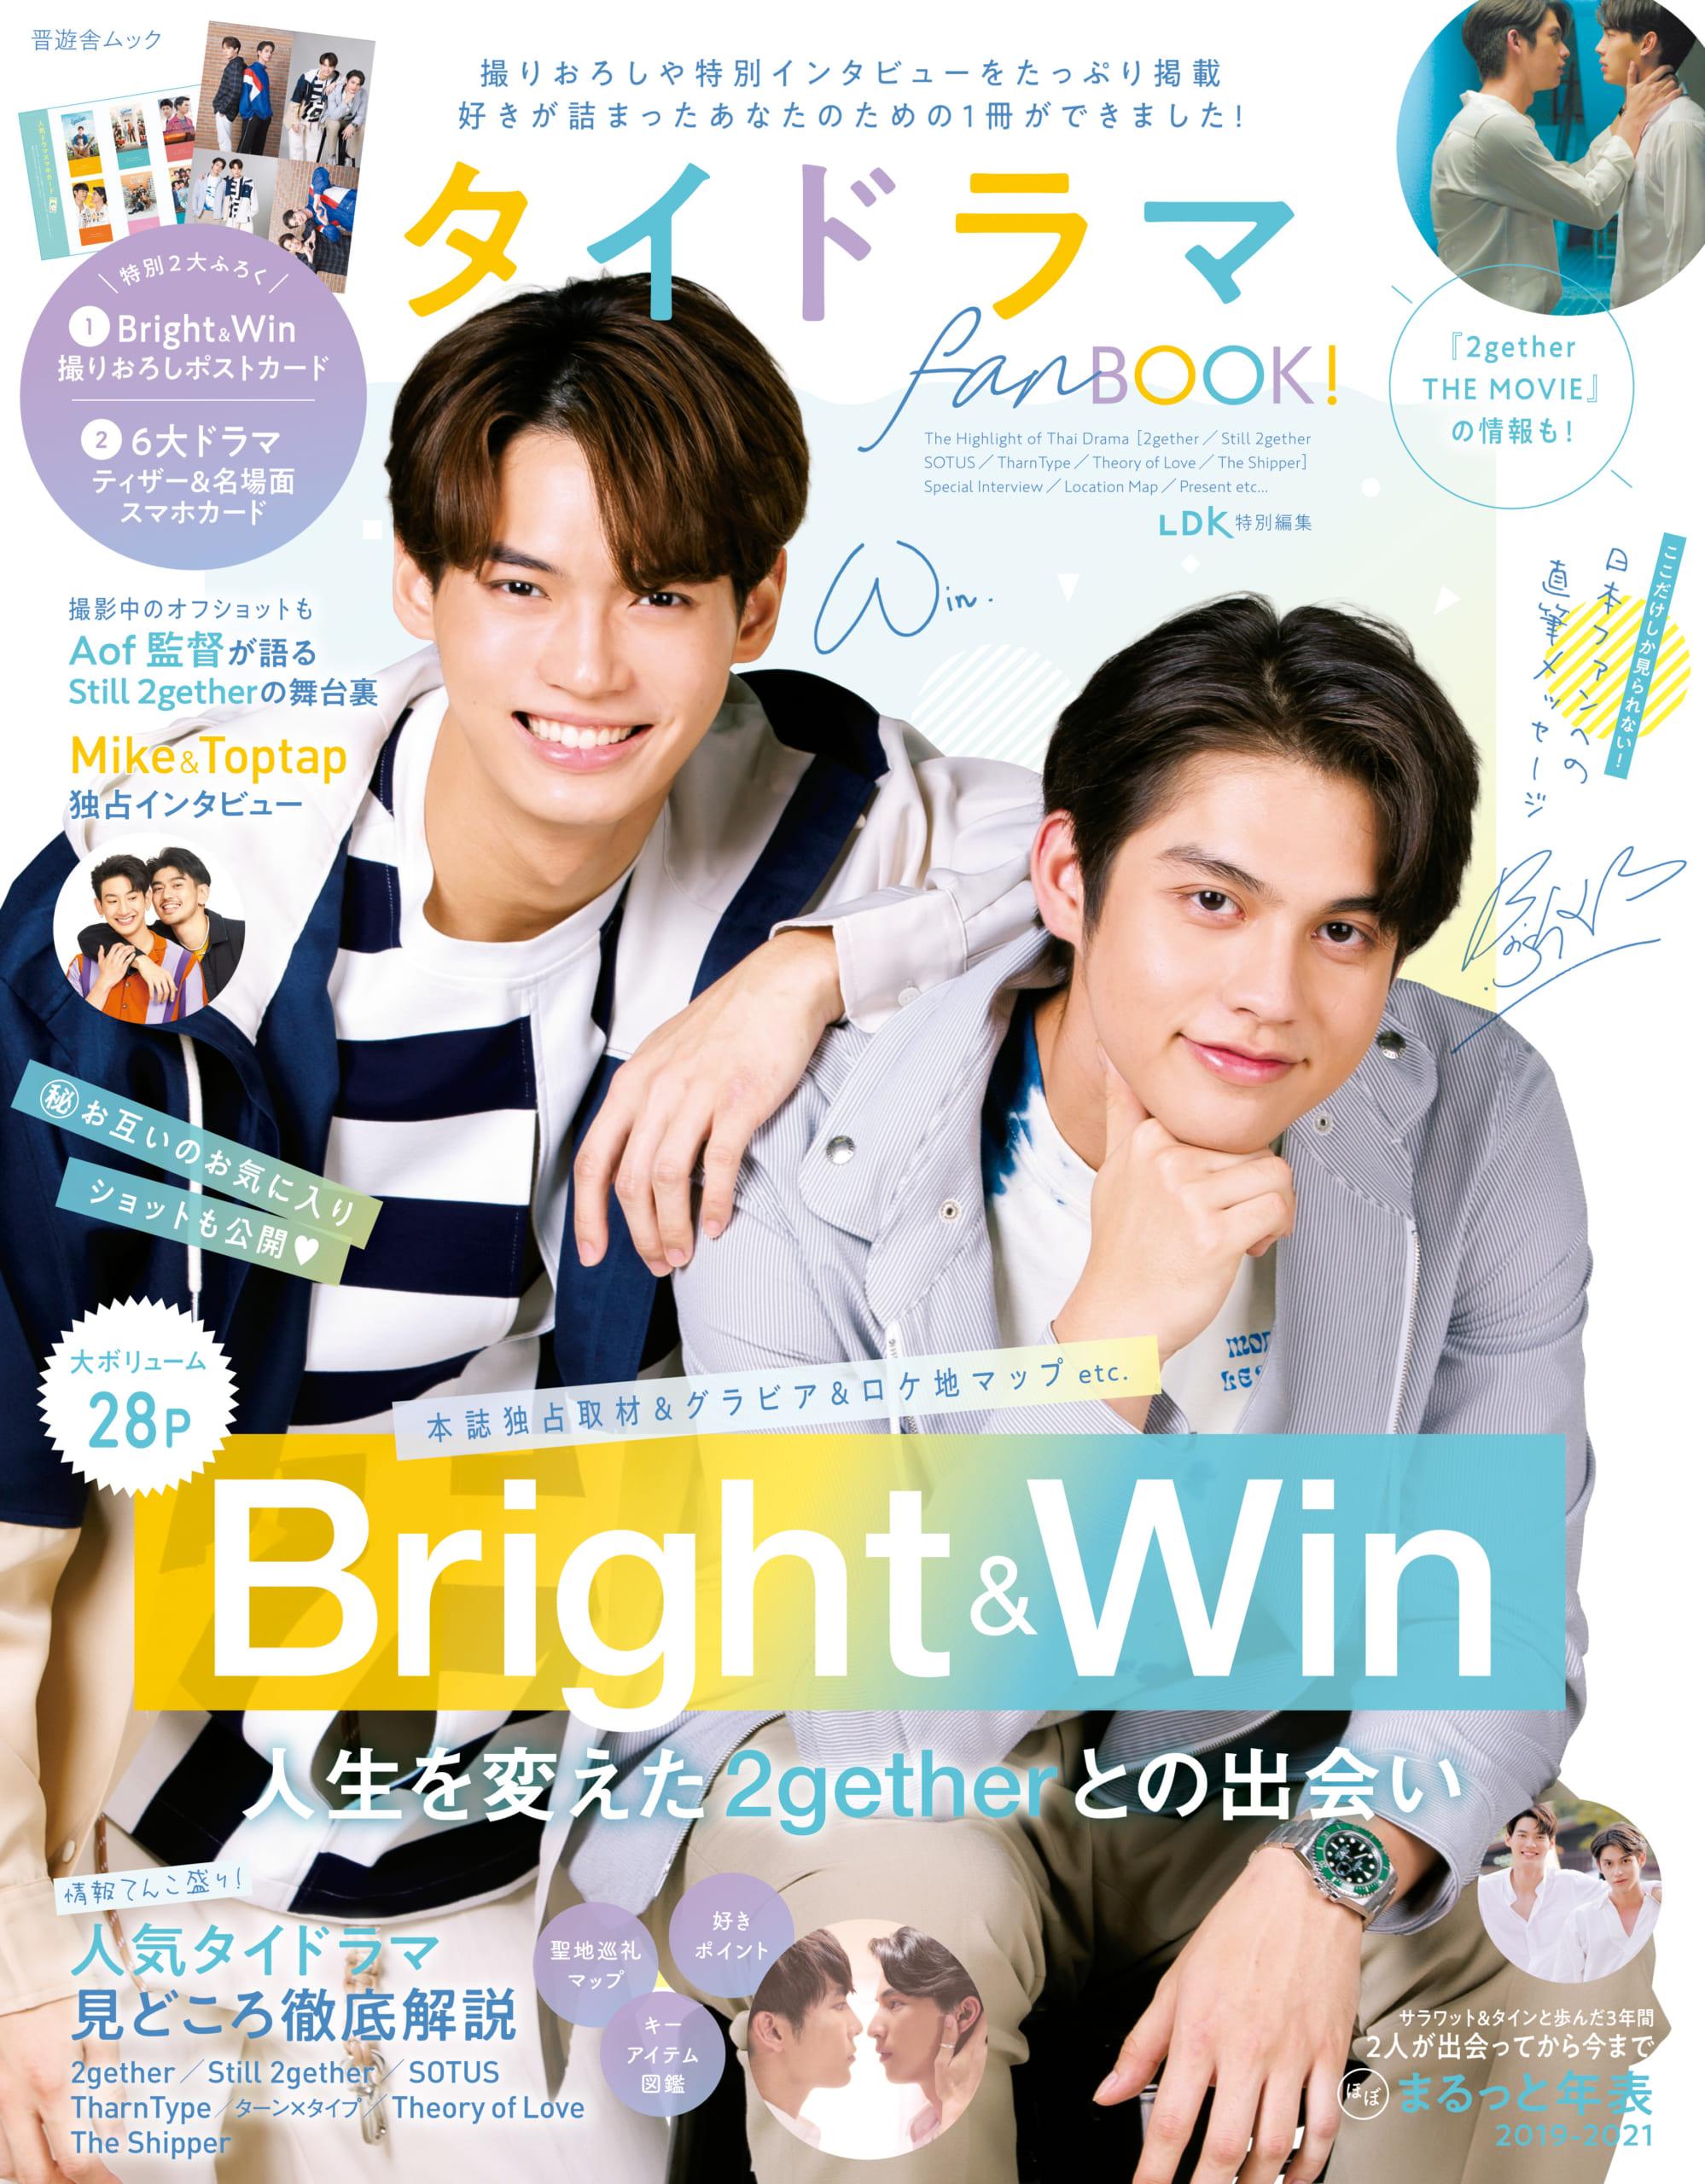 コレを読んで「2gether」聖地巡礼気分を味わおう!「タイドラマ fan BOOK!」発売中